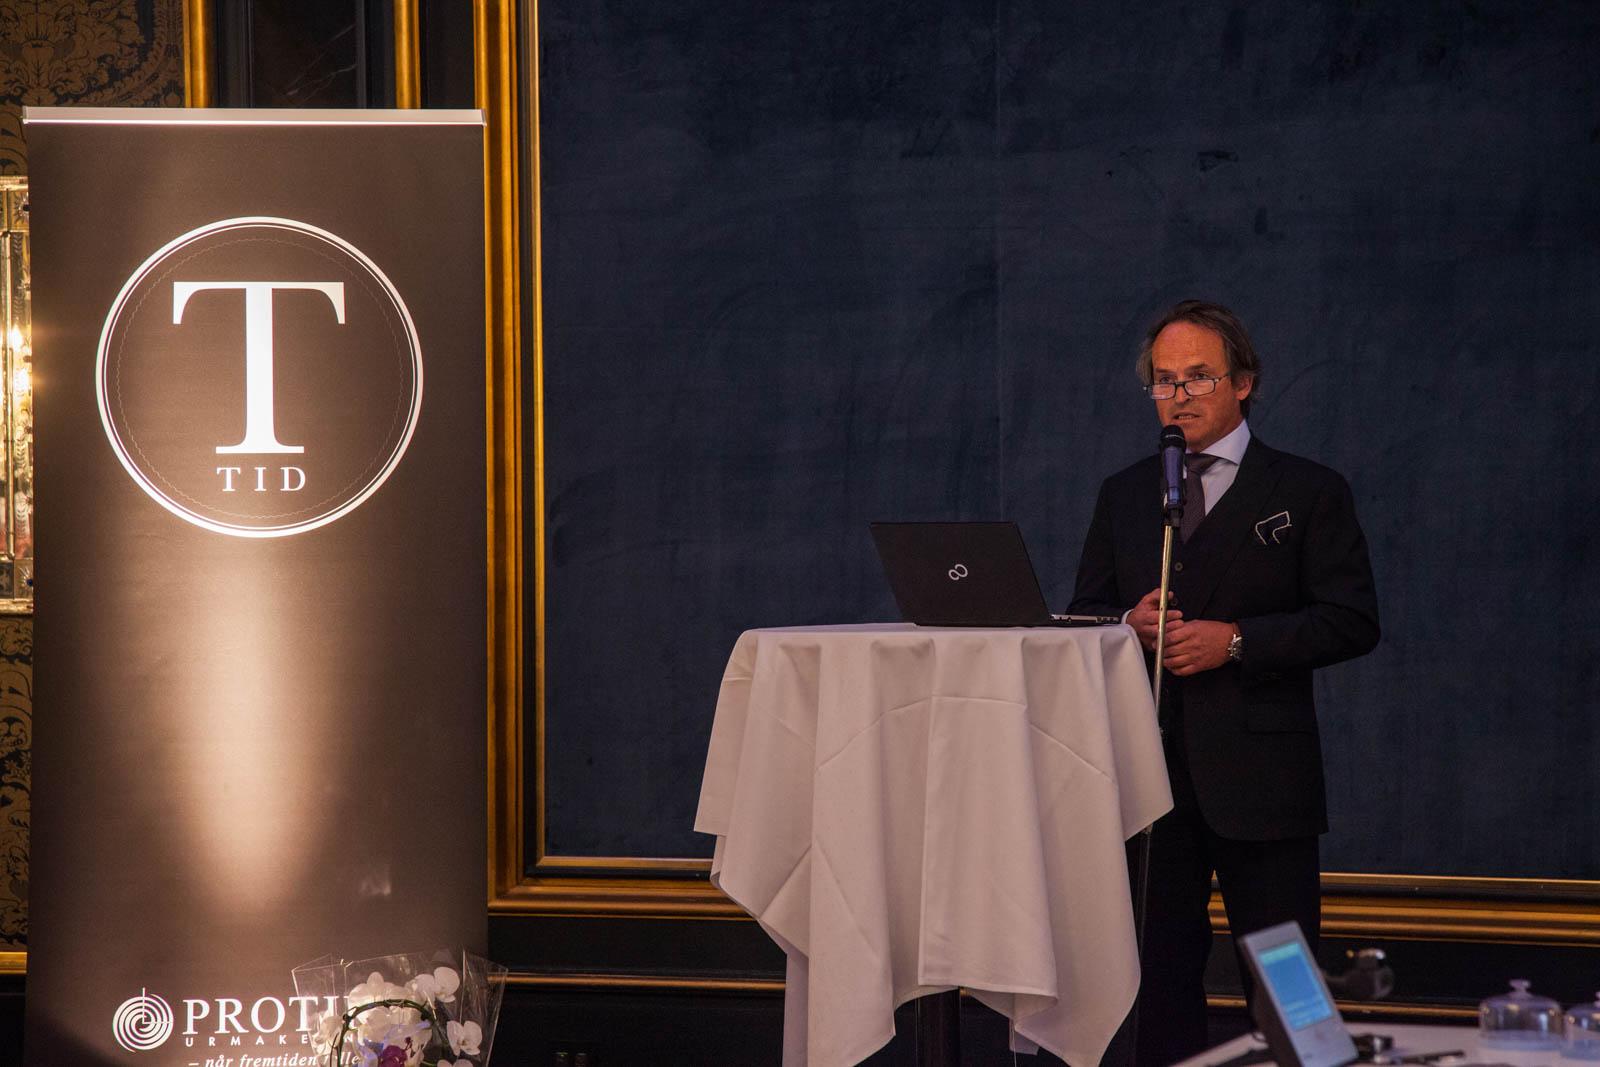 Direktør i Protid, Finn Annmark åpner visningen.